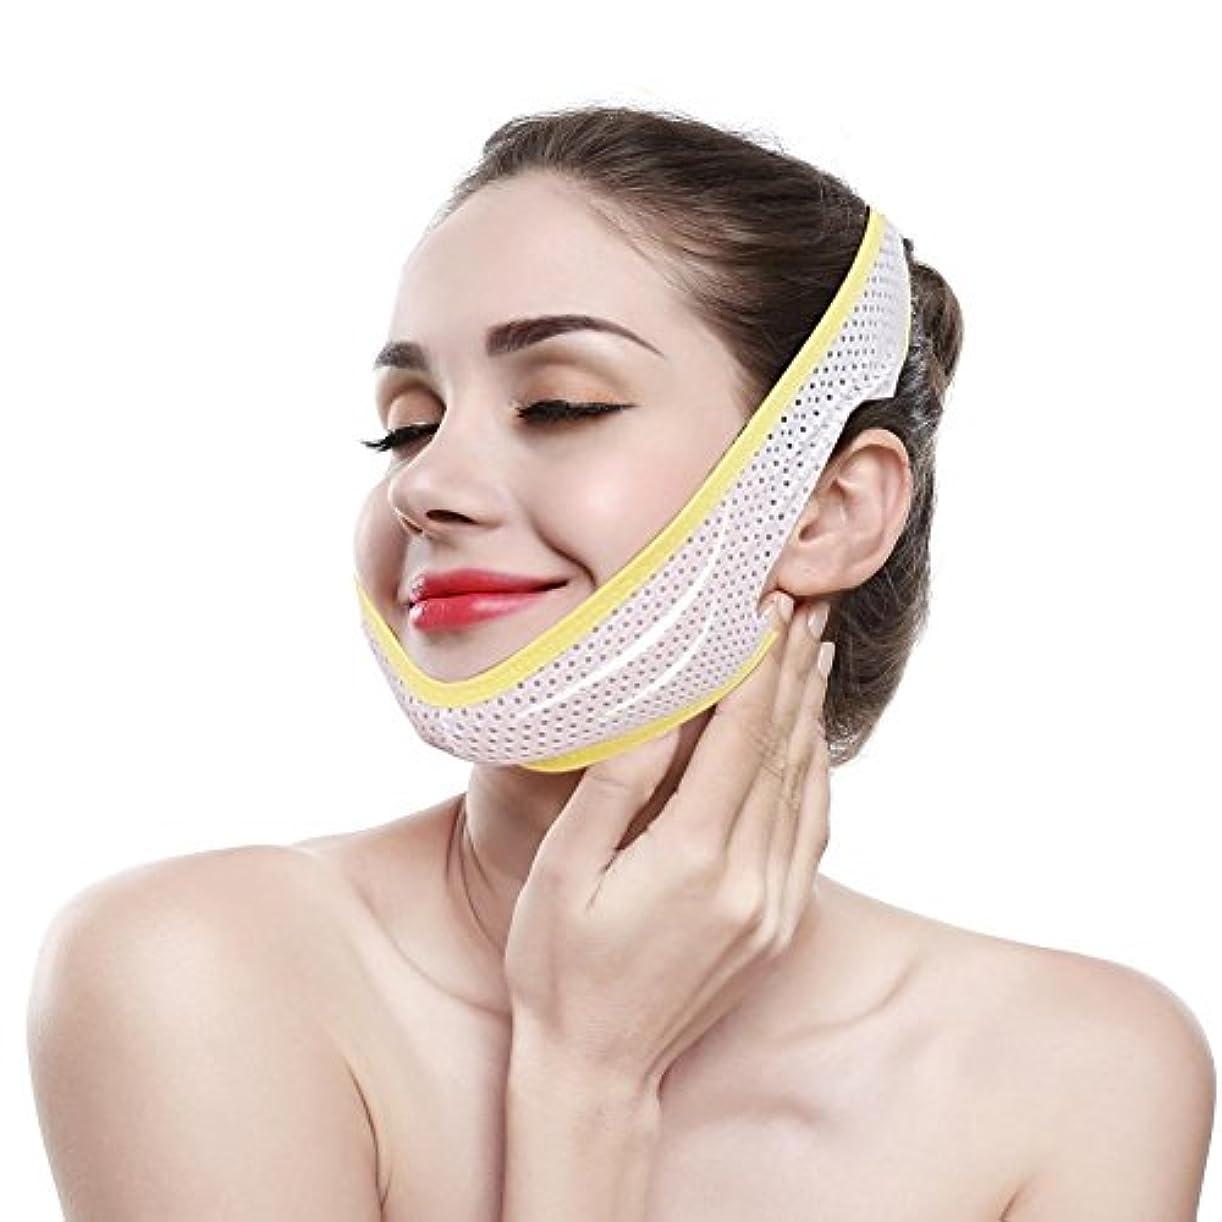 ファーザーファージュ素子オーガニック顎リフト フェイススリミング包帯 フェイスベルト 顔の包帯スリミングダブルチンVラインとフェイシャルケアファーミングスキン 女性の超薄型 フェイスマス クラインベルト スリミング製品マスク(L)